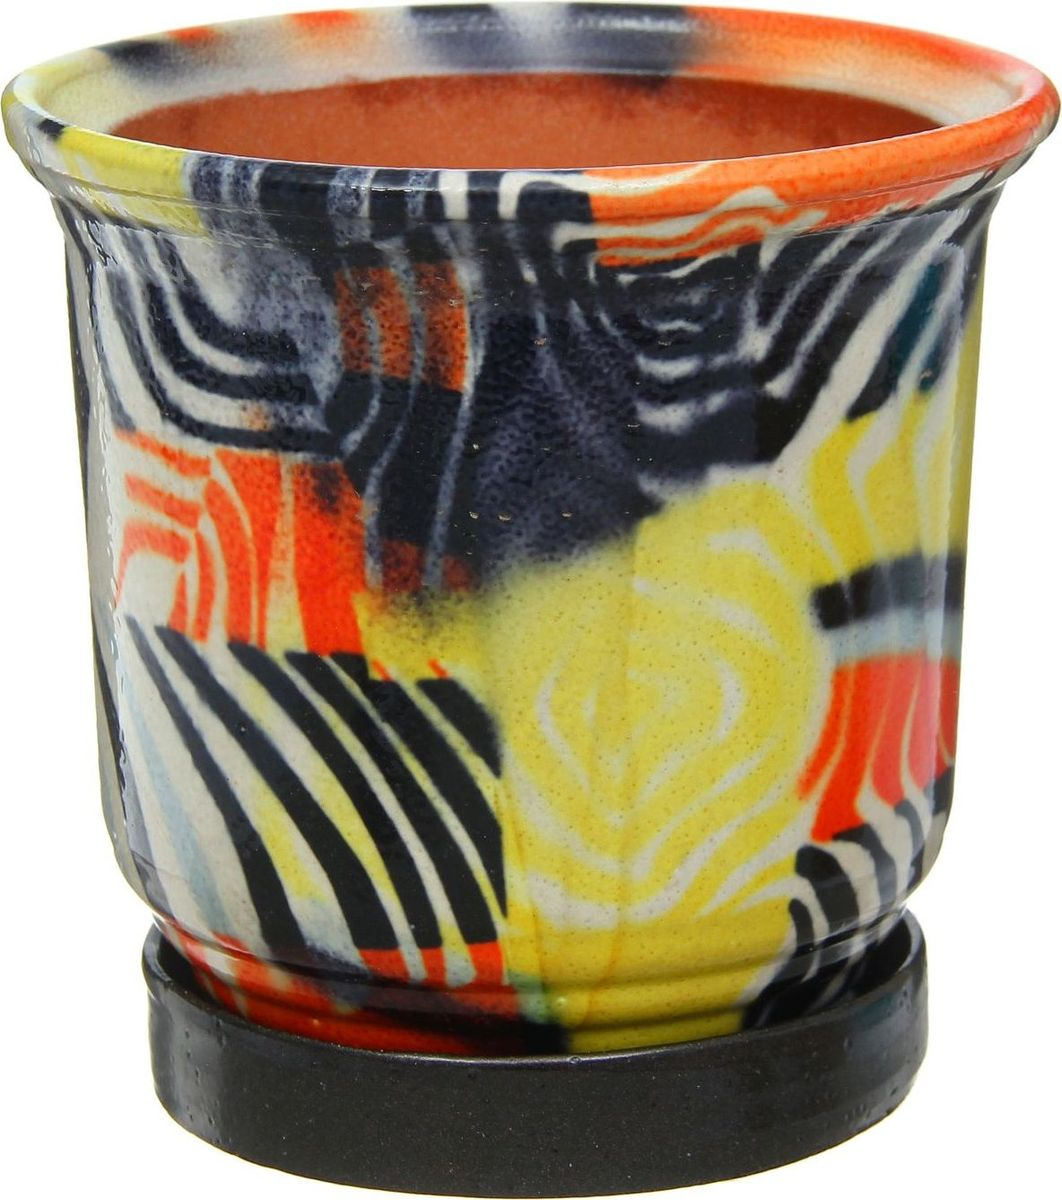 Кашпо Цветник. Зебра, 1 л1253875Комнатные растения — всеобщие любимцы. Они радуют глаз, насыщают помещение кислородом и украшают пространство. Каждому из них необходим свой удобный и красивый дом. Кашпо из керамики прекрасно подходят для высадки растений: за счет пластичности глины и разных способов обработки существует великое множество форм и дизайнов пористый материал позволяет испаряться лишней влаге воздух, необходимый для дыхания корней, проникает сквозь керамические стенки! позаботится о зеленом питомце, освежит интерьер и подчеркнет его стиль.